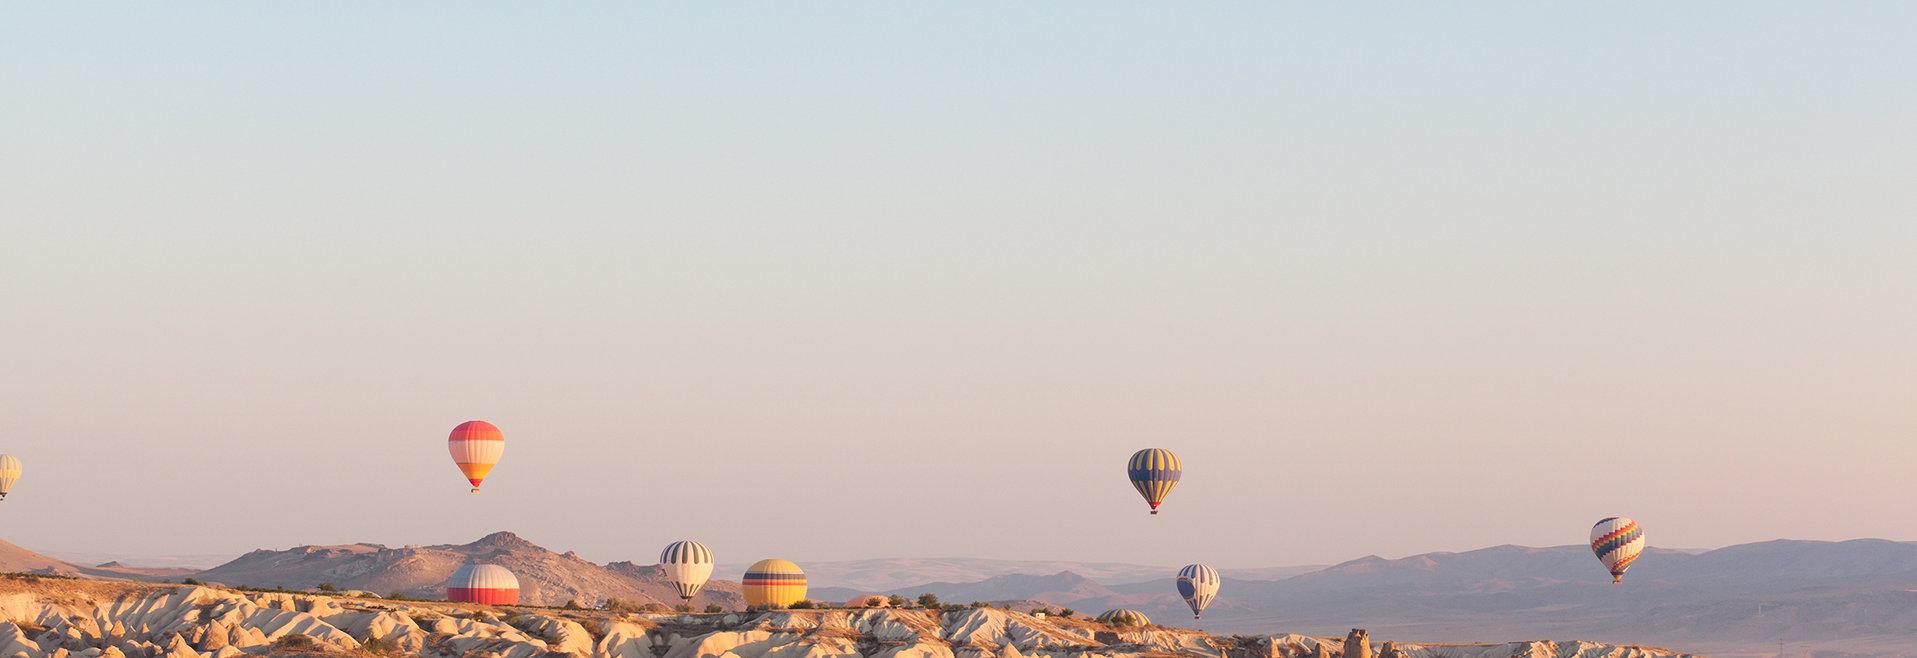 Ballet de montgolfières dans un ciel magnifique